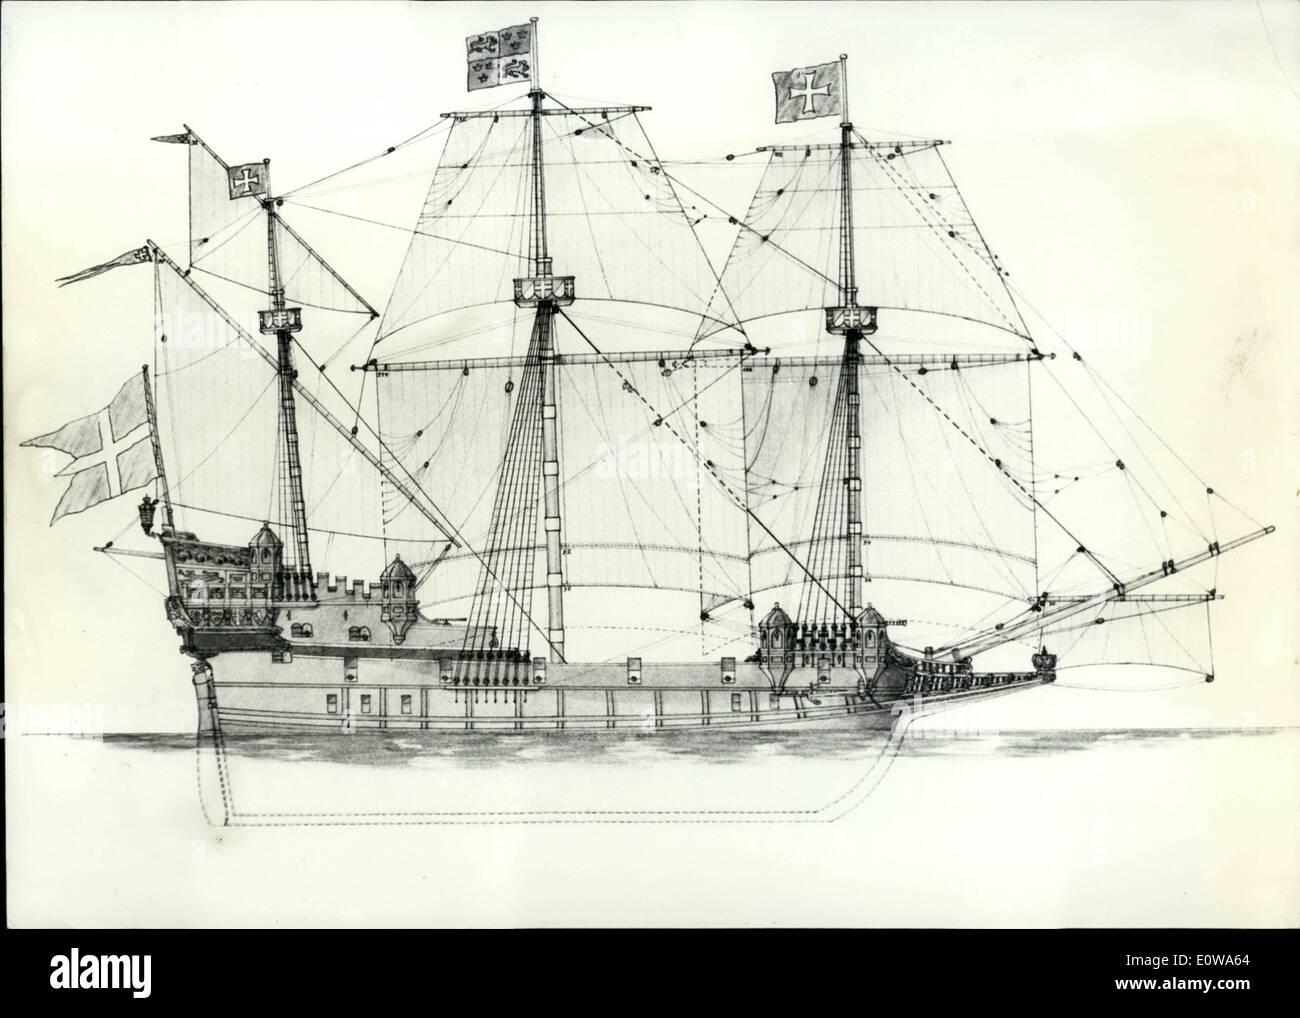 Avril 04, 1962 - ''les hanches de l'antiquité aux temps modernes'': à partir de la construction de navires babylonien environ 4500 b. Chr. De plus le roman drone depuis 40 b. Chr., la cuisine et de l'Hansakogge Venise environ 1500 à la canonnière, type ''Gronsund'' de 1883 étend l'exposition spéciale dans un musée à Hambourg qui a été ouvert en ces jours. En tout, il y a des conceptions techniques 85 sur l'histoire des navires Les navires décrits par C. moteur Dahms (Ch. Dahms) après les conclusions des navires, des reliefs, peintures et illustrations sur les sceaux, miniatures et peintures sur verre. OPS: le projet d'attaquer d'une Kogge environ 1550 a. Chr. Photo Stock